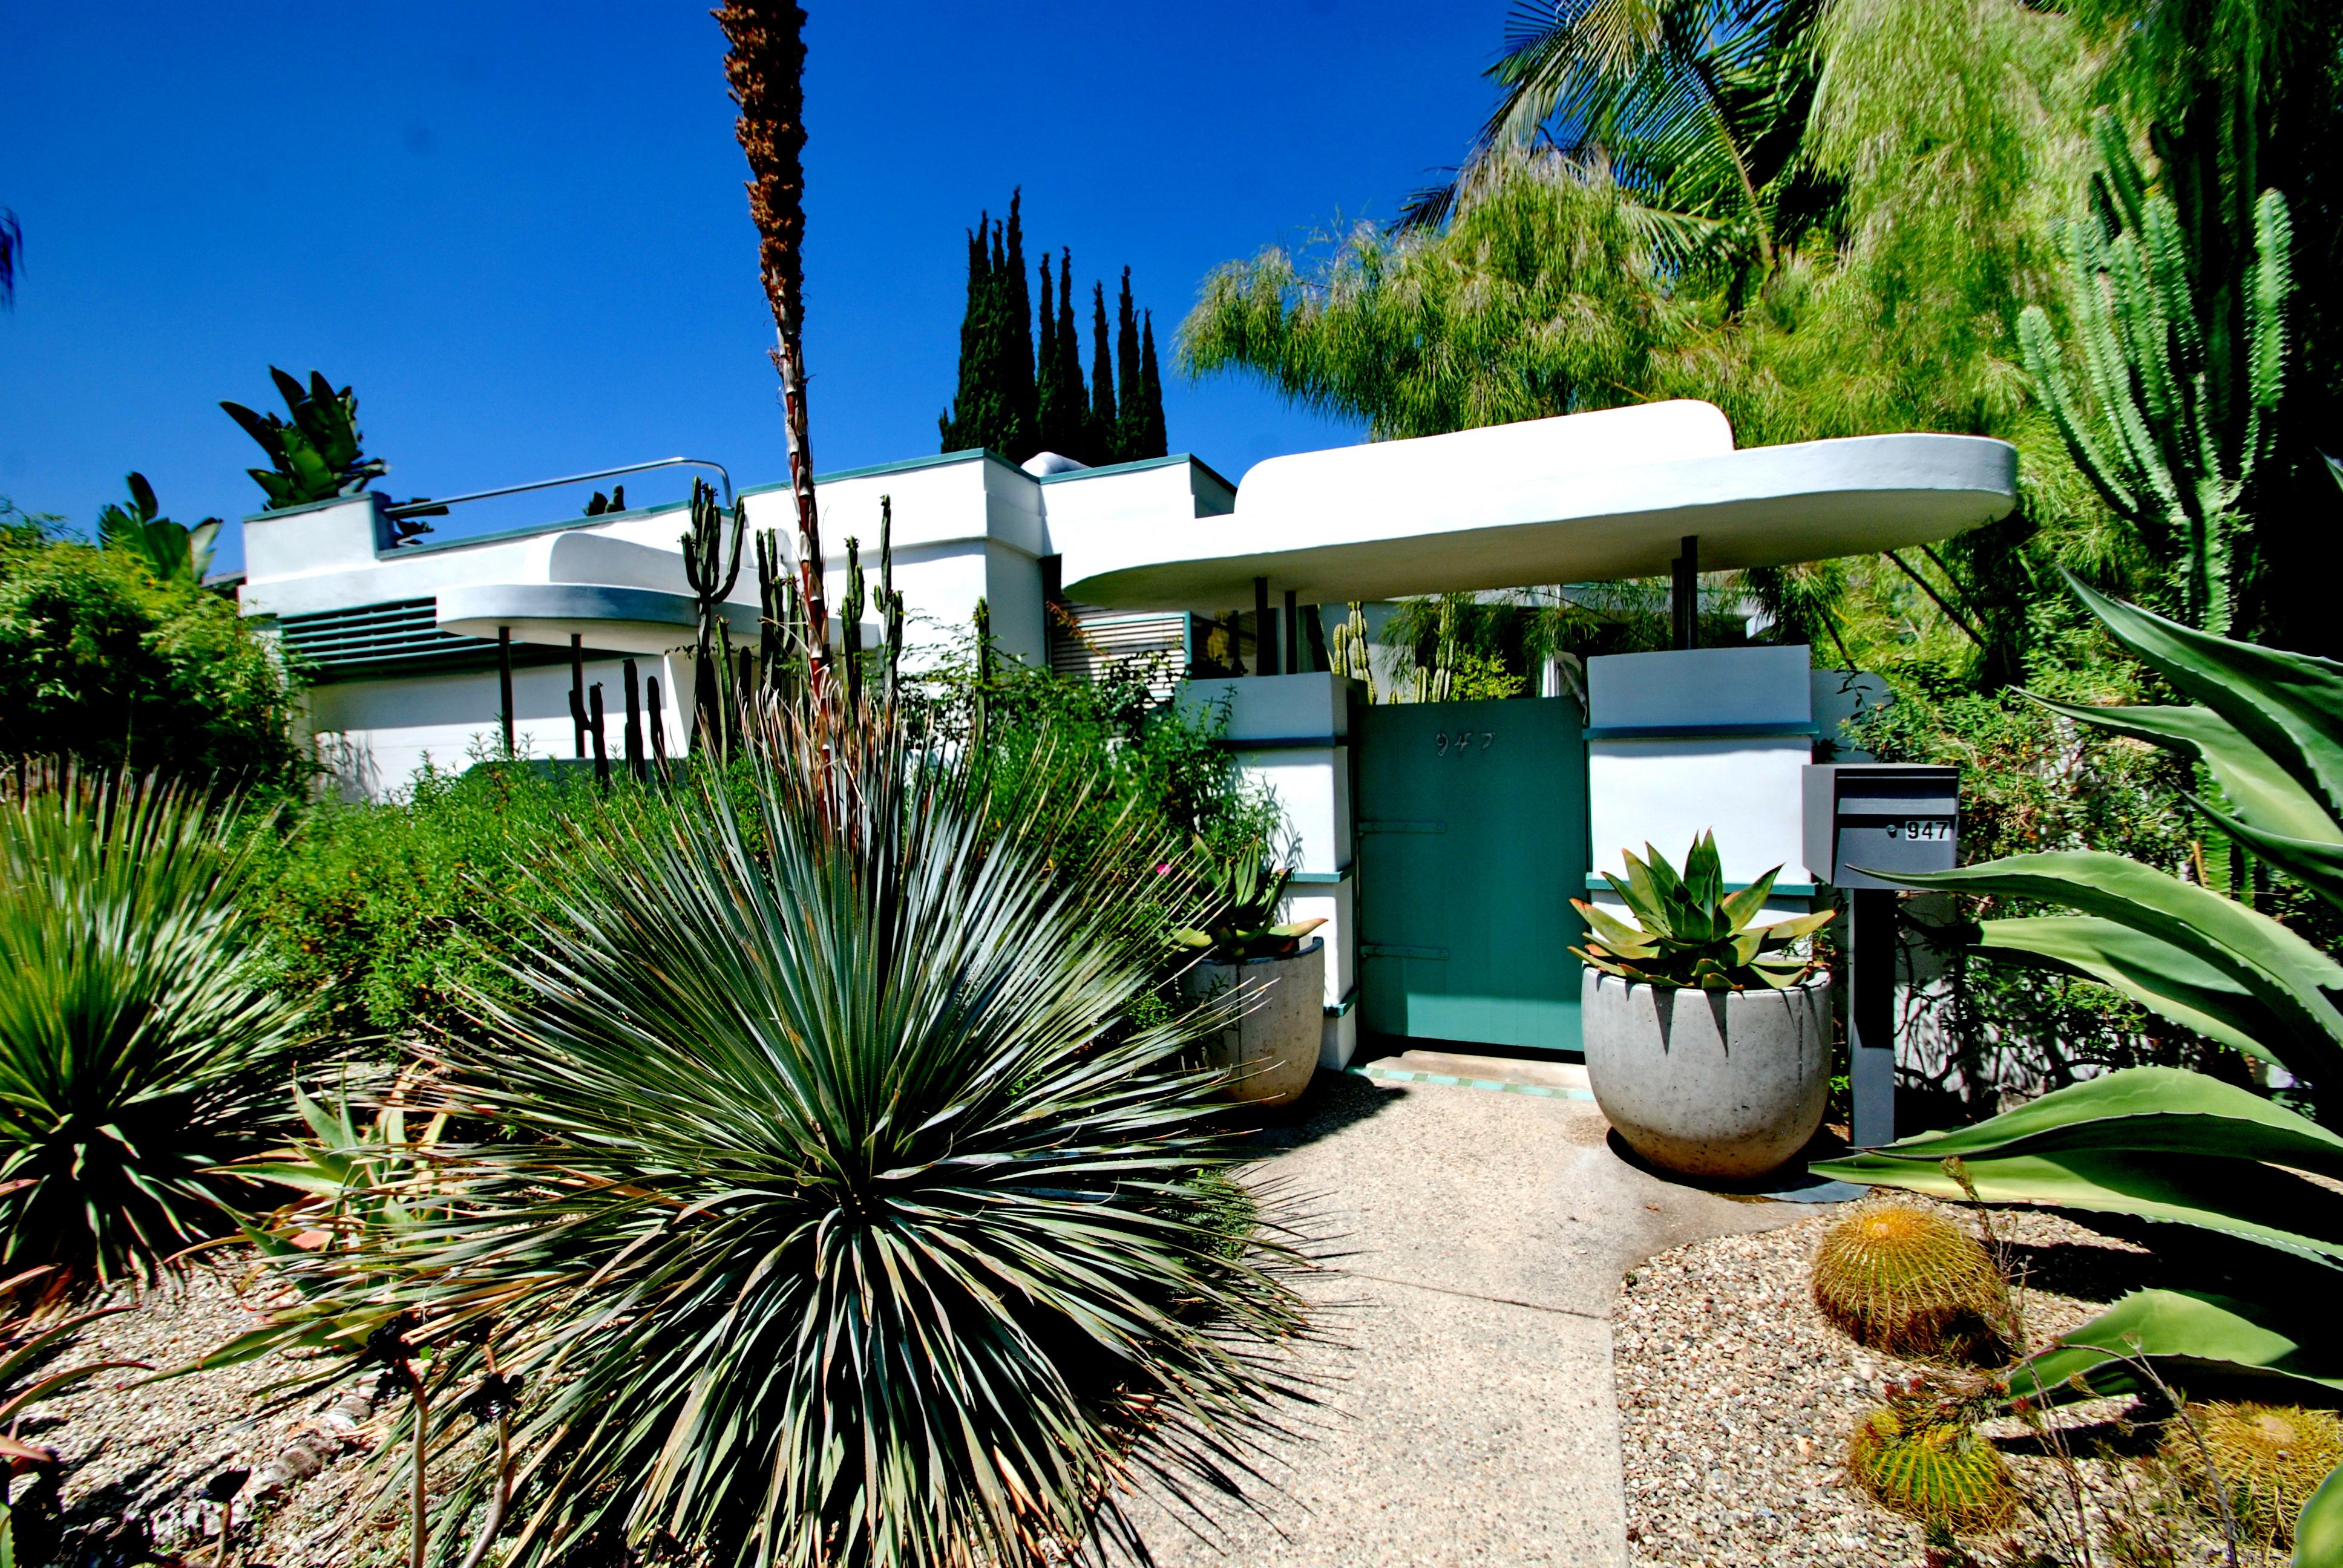 1930s Streamline Moderne designed by William Kesling safe from demolition—for now